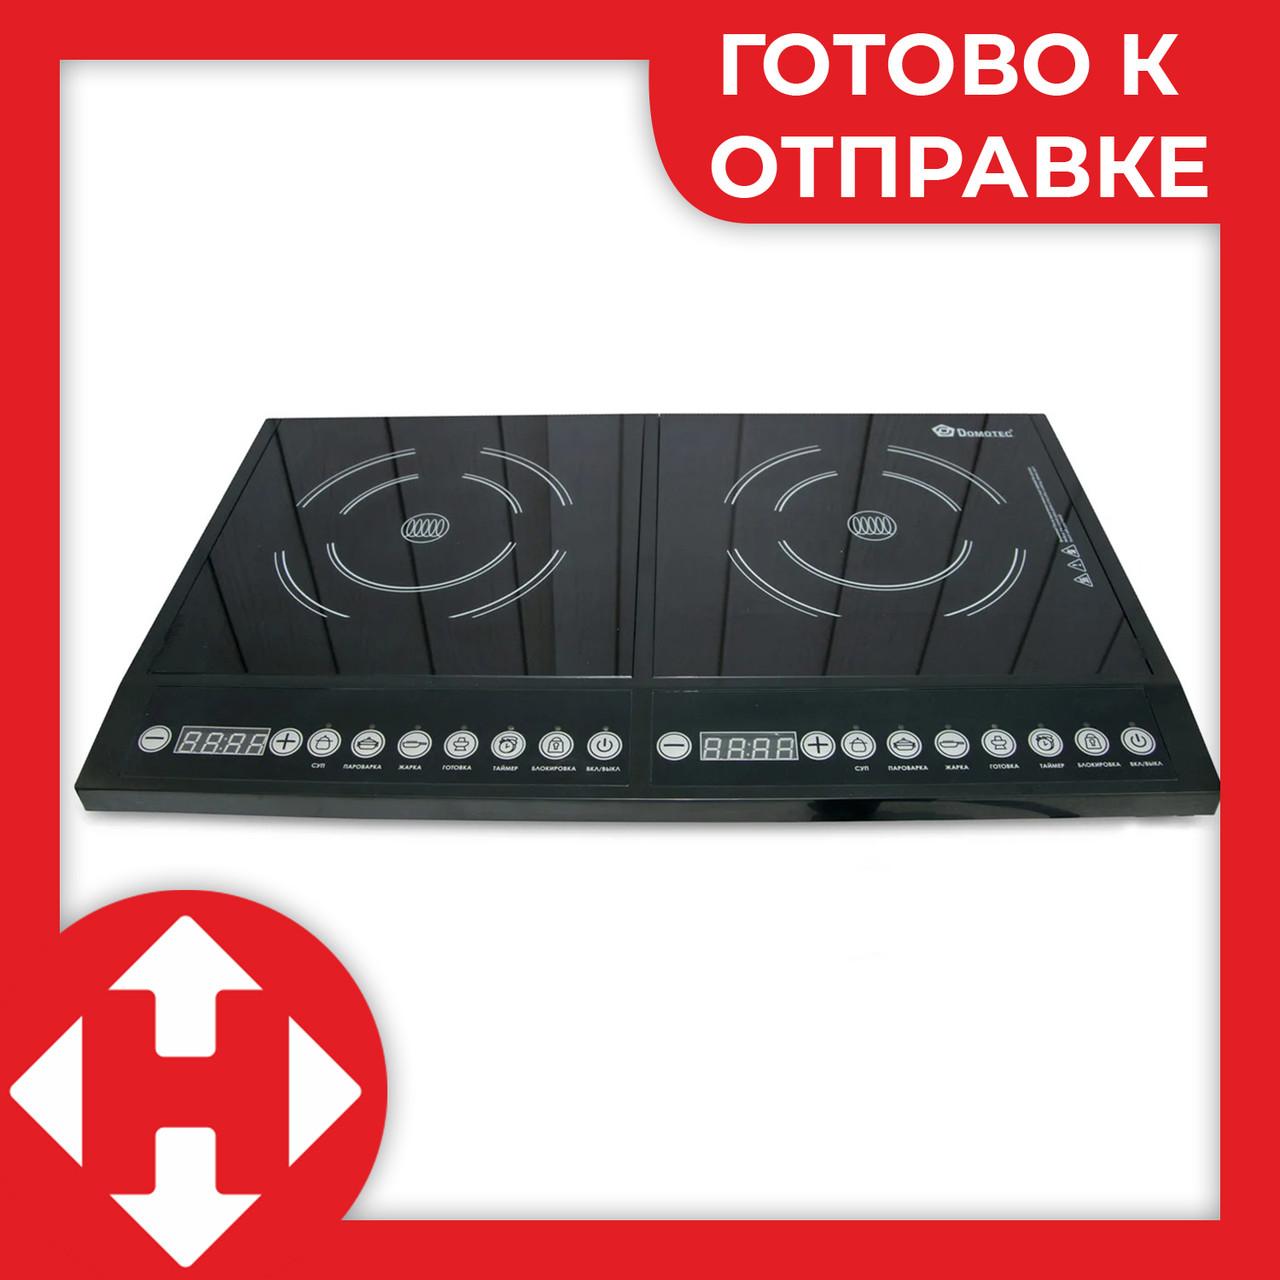 Настольная индукционная электро-плита на 2 конфорки Domotec MS-5862 Black (двухконфорочная, электрическая)